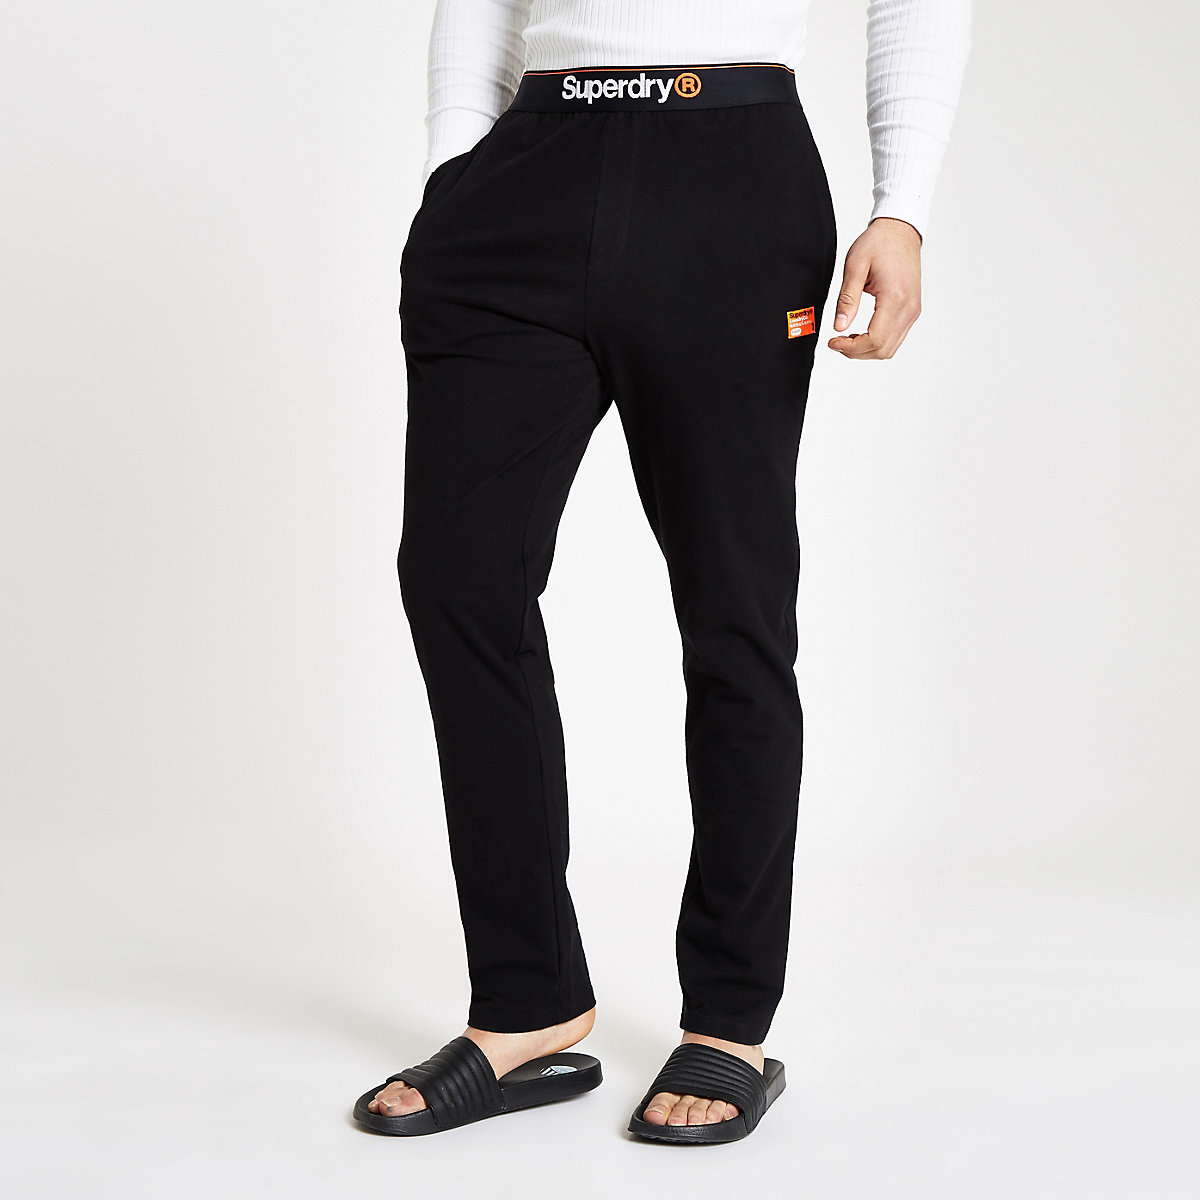 Superdry black loungewear pants